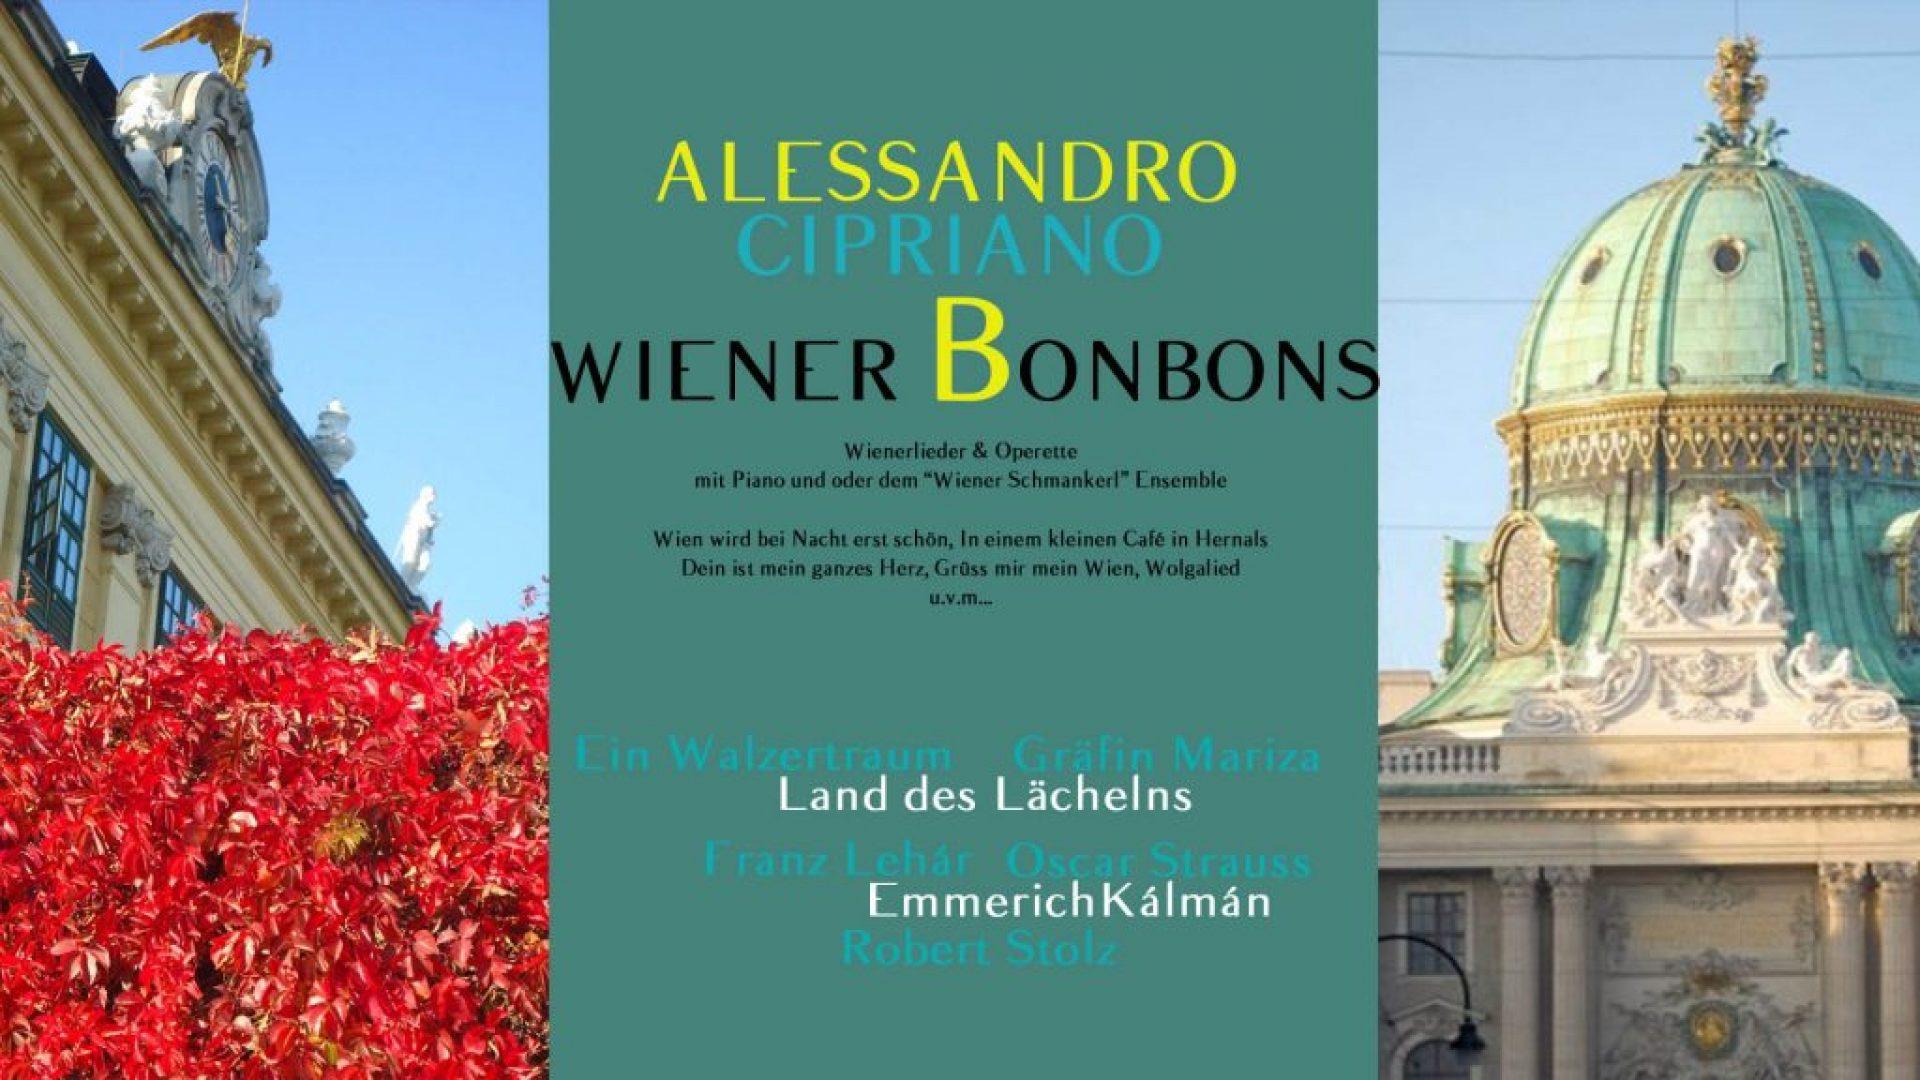 Wiener Bonbons Alessandro Cipriano